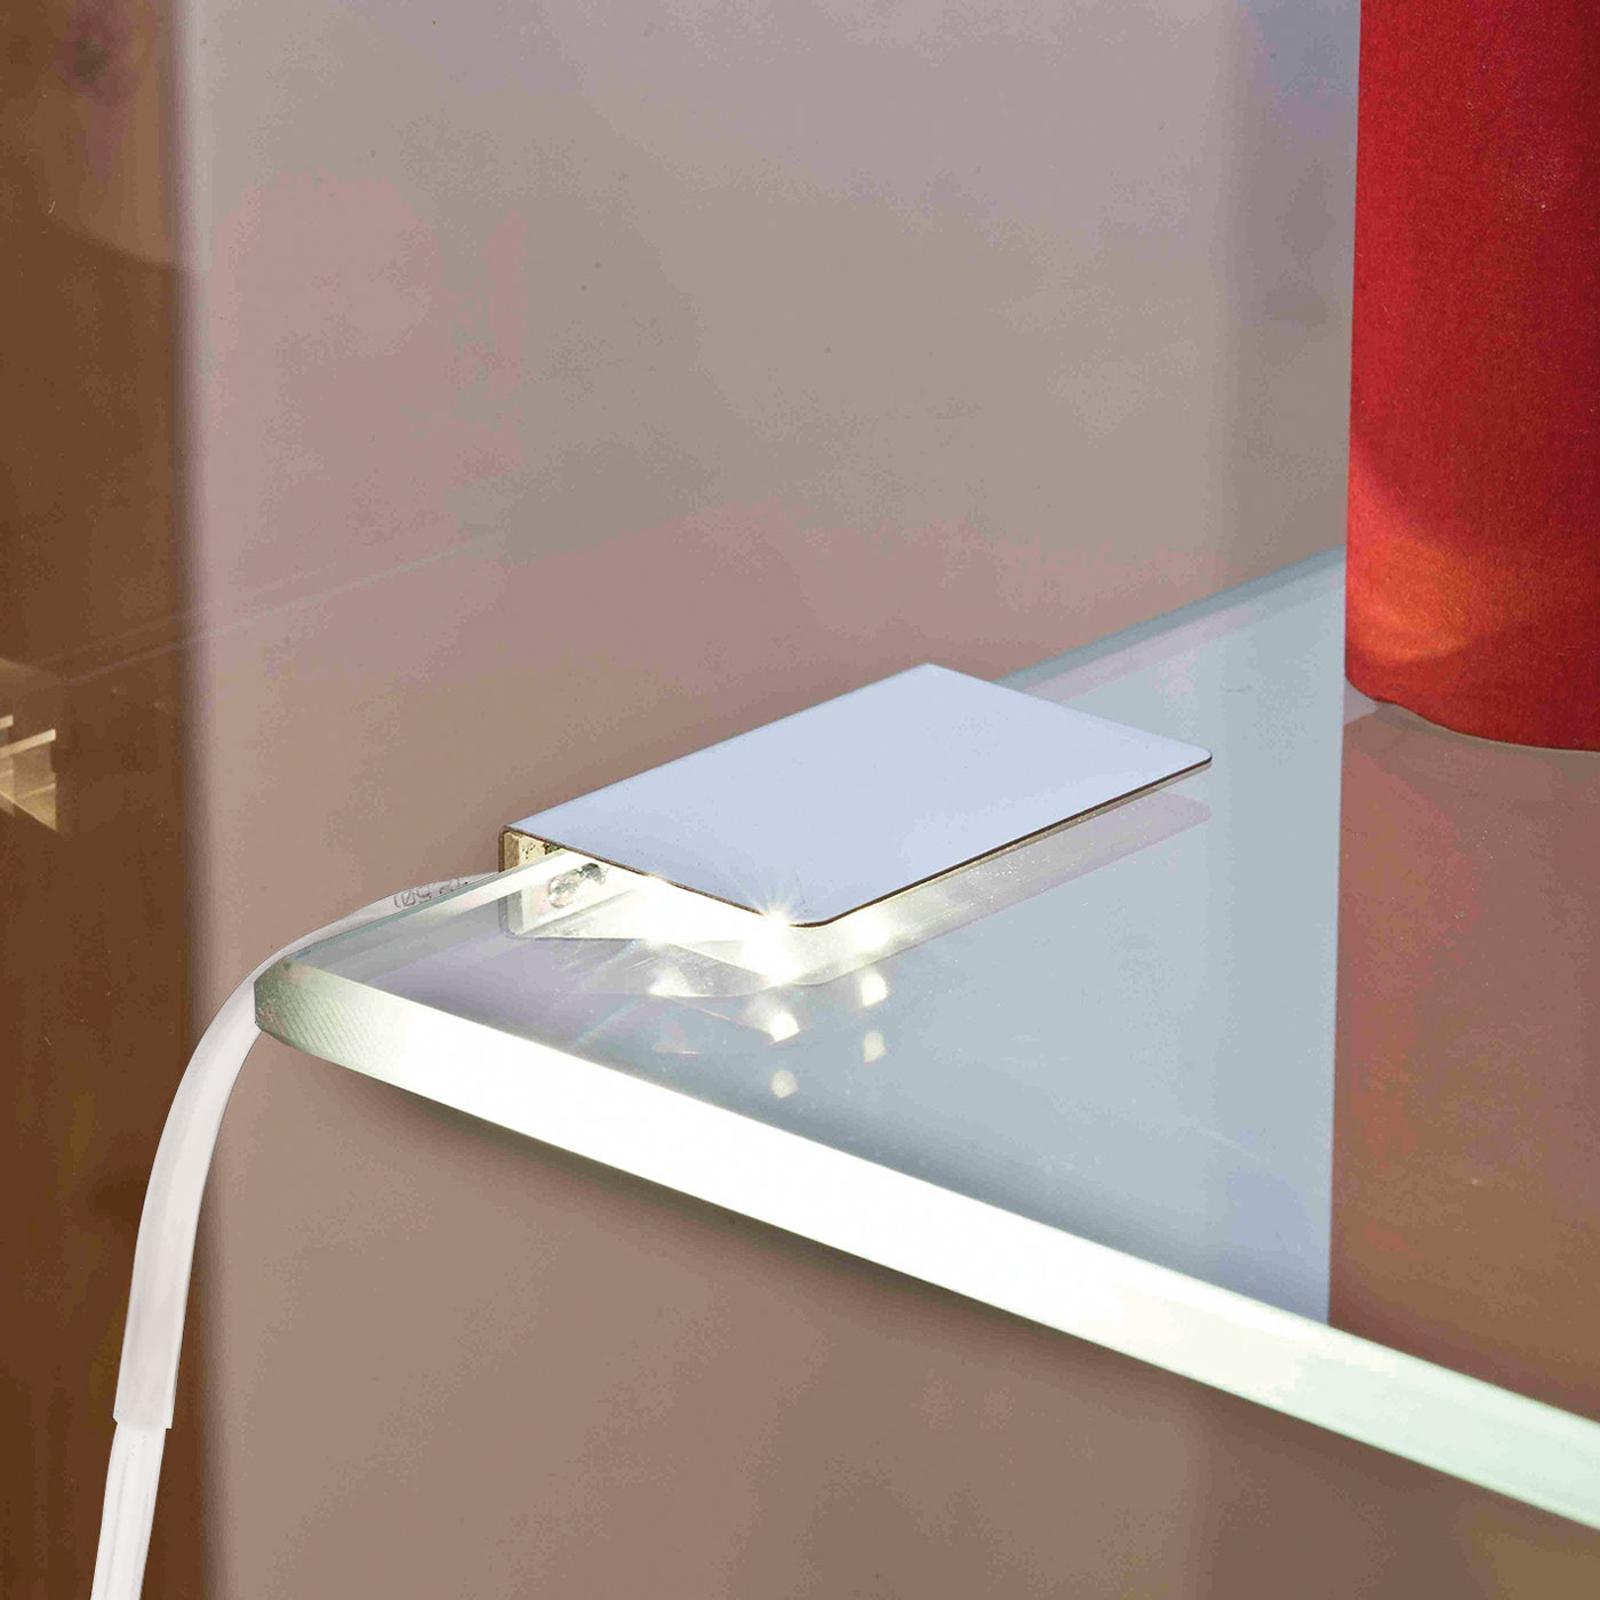 Glassplatebelysning LED_klips dobbelpakk varmhvit